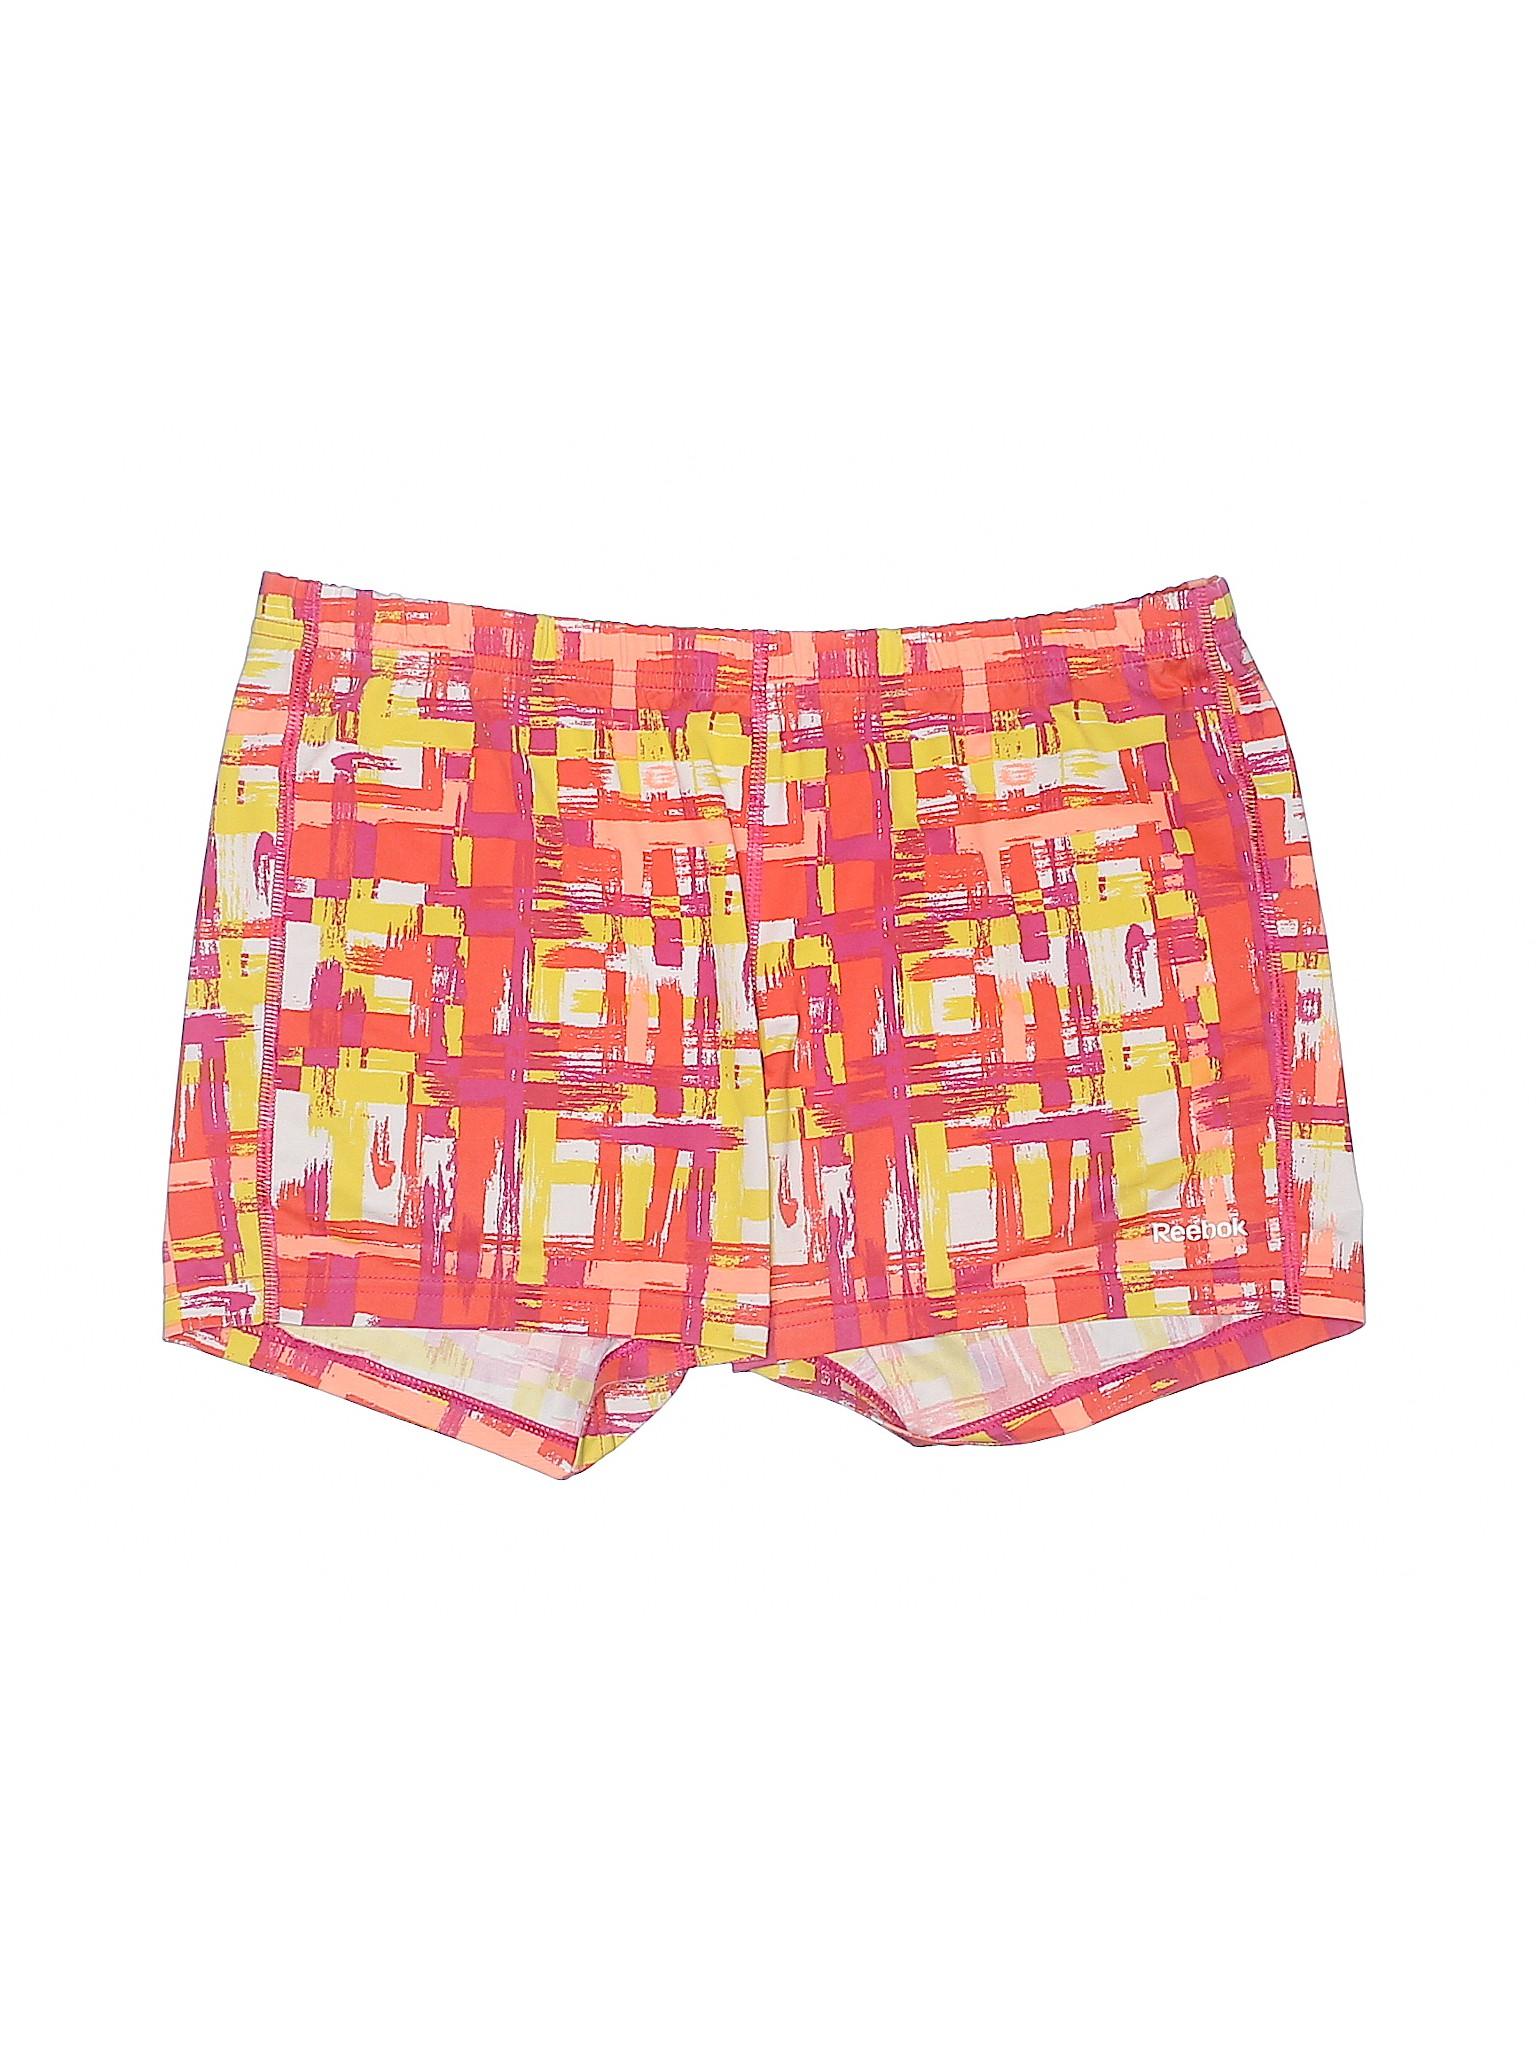 Boutique Reebok leisure leisure Reebok Reebok Athletic Shorts Shorts leisure Boutique Athletic Boutique AtwxnTRz